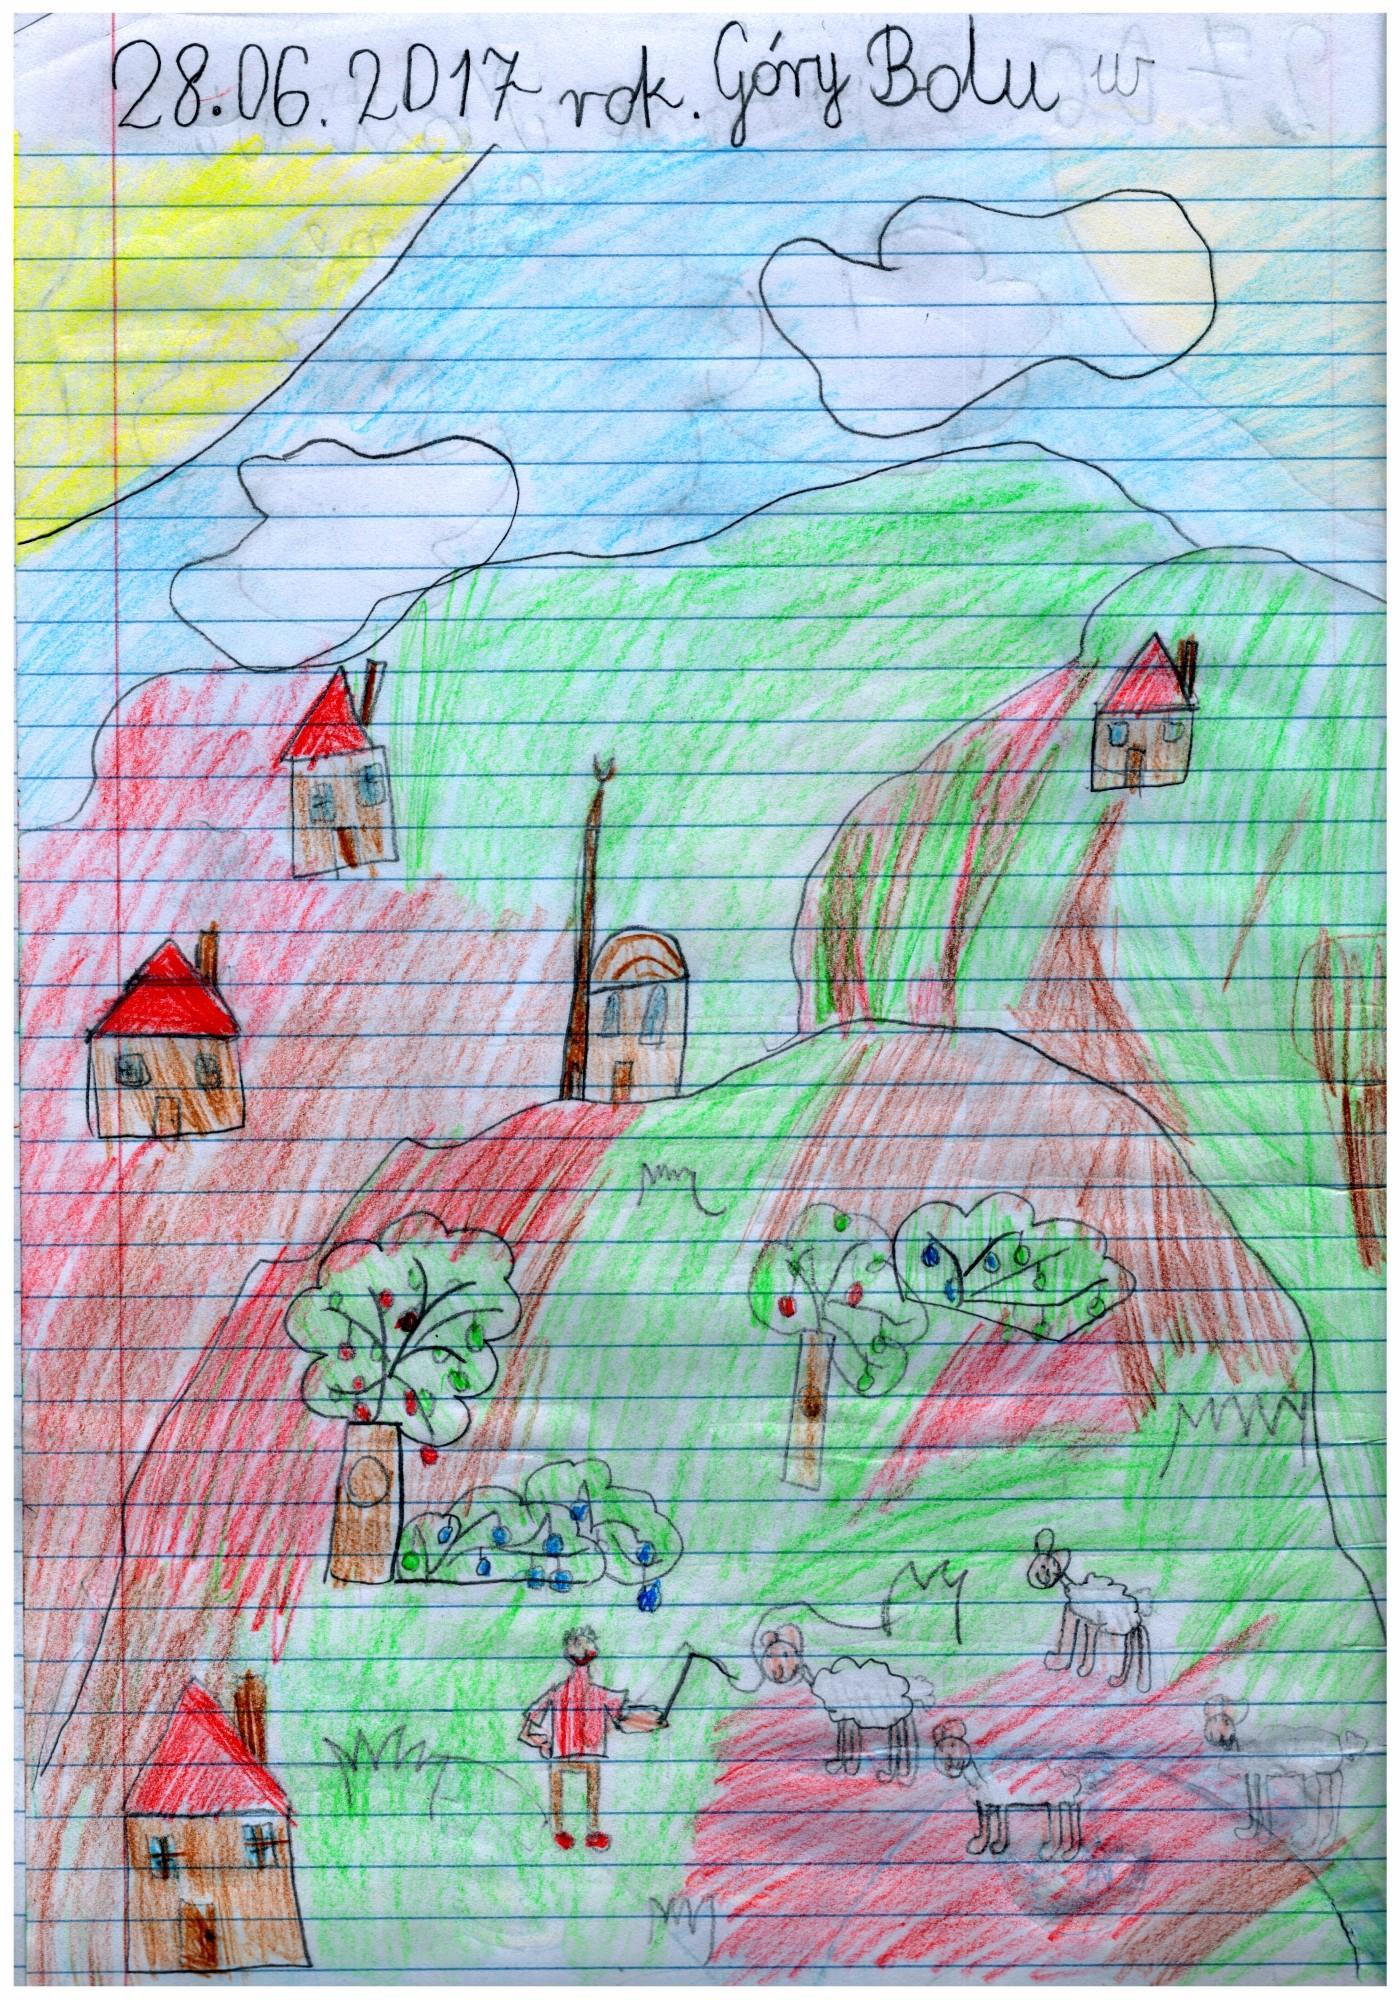 Krajobraz gór Bolu